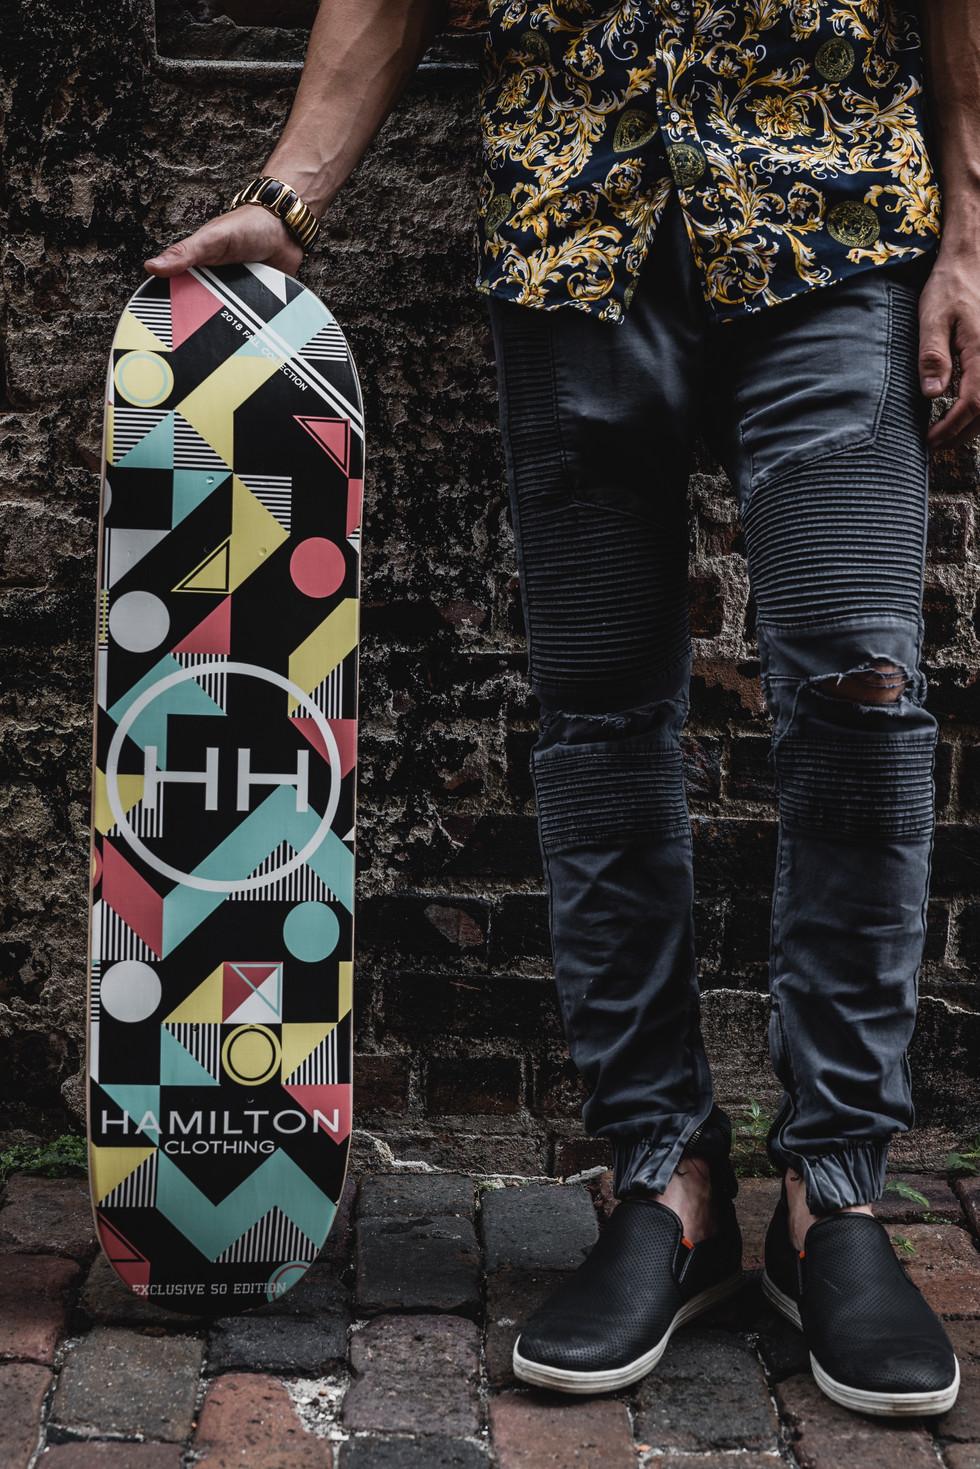 geometric skateboard deck in back alley